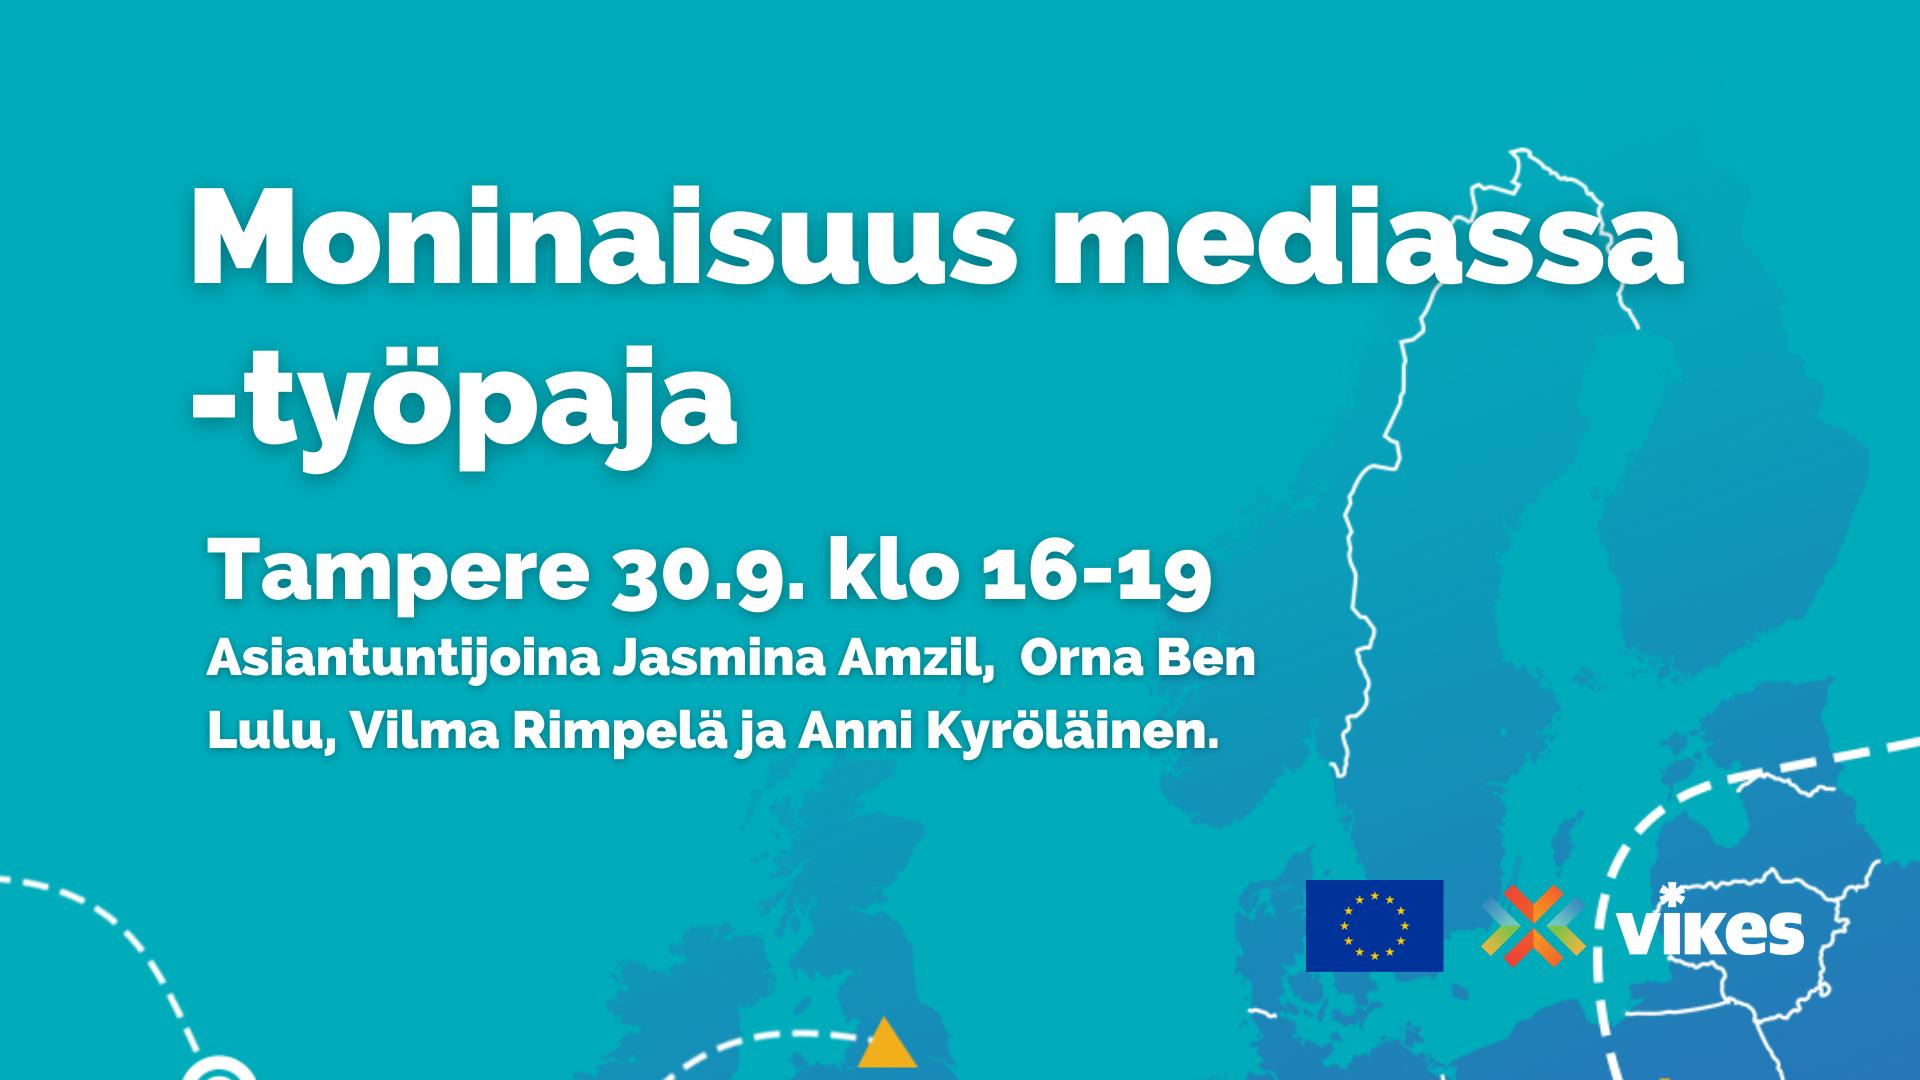 Mainos: Moninaisuus mediassa -työpaja Tampereella 30.9.